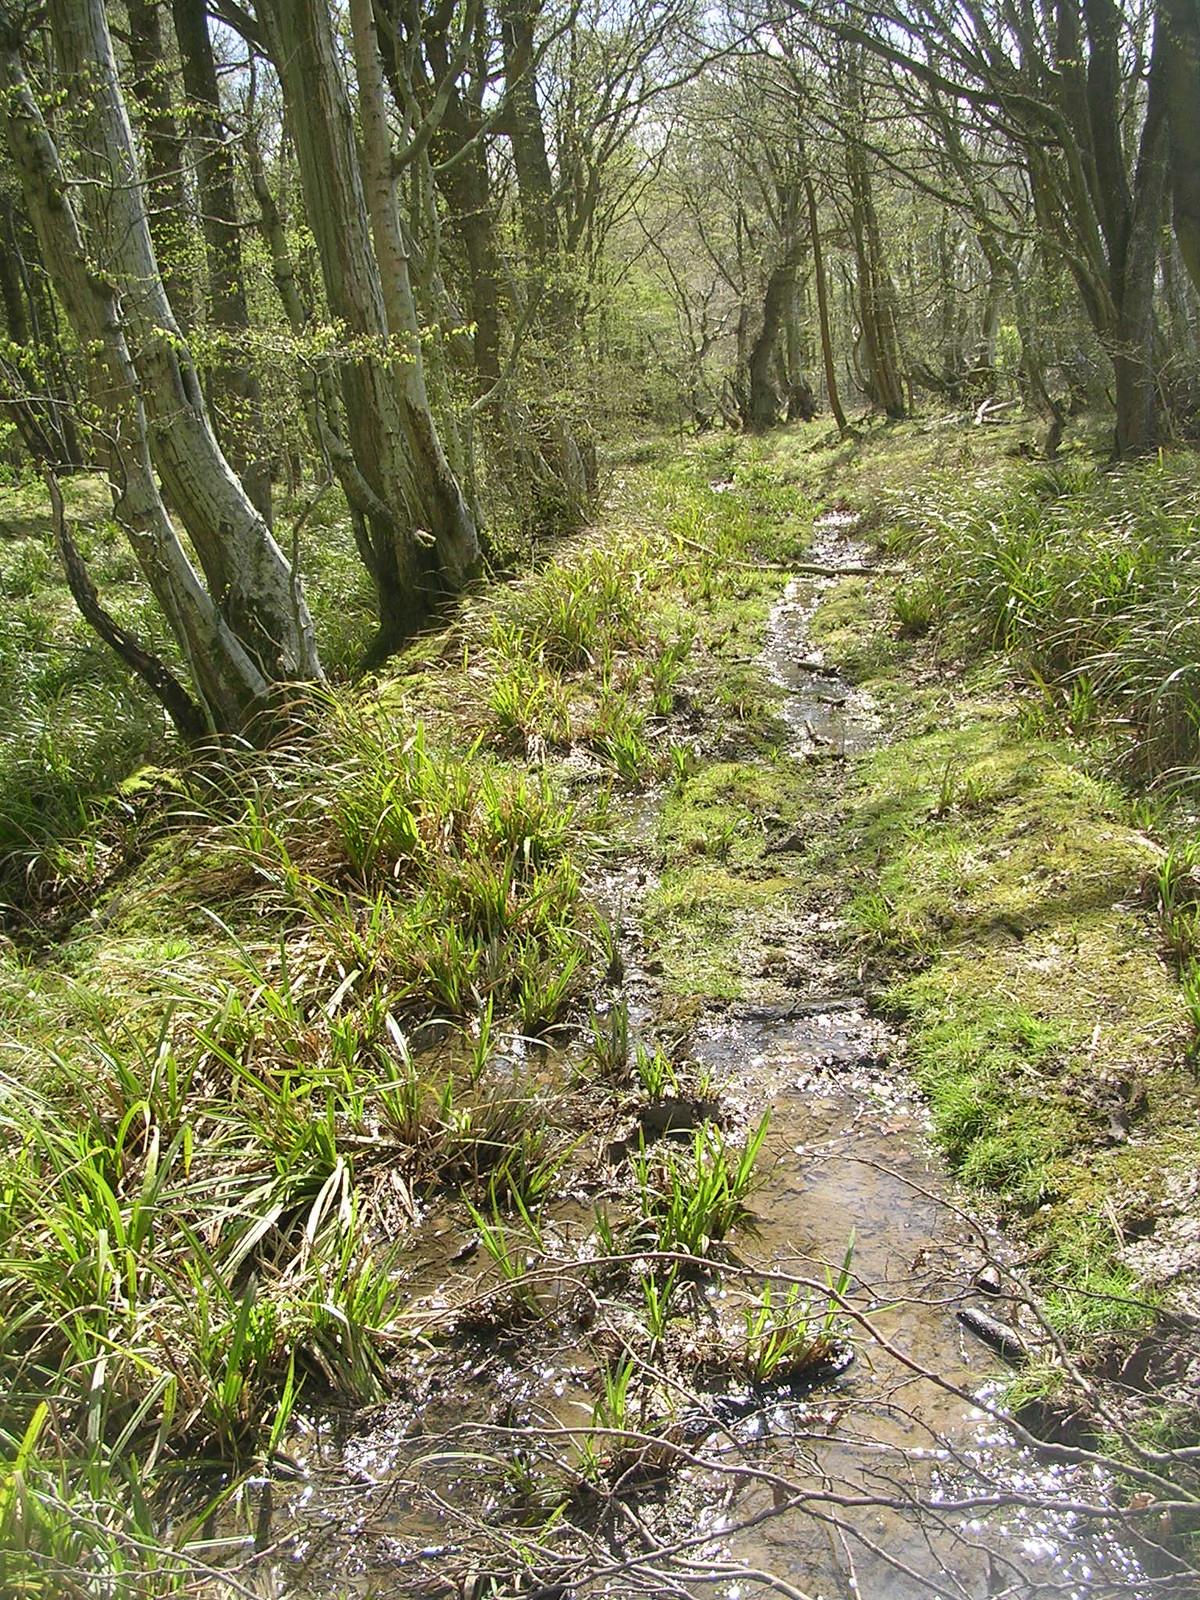 Boggy path Robertsbridge to Battle